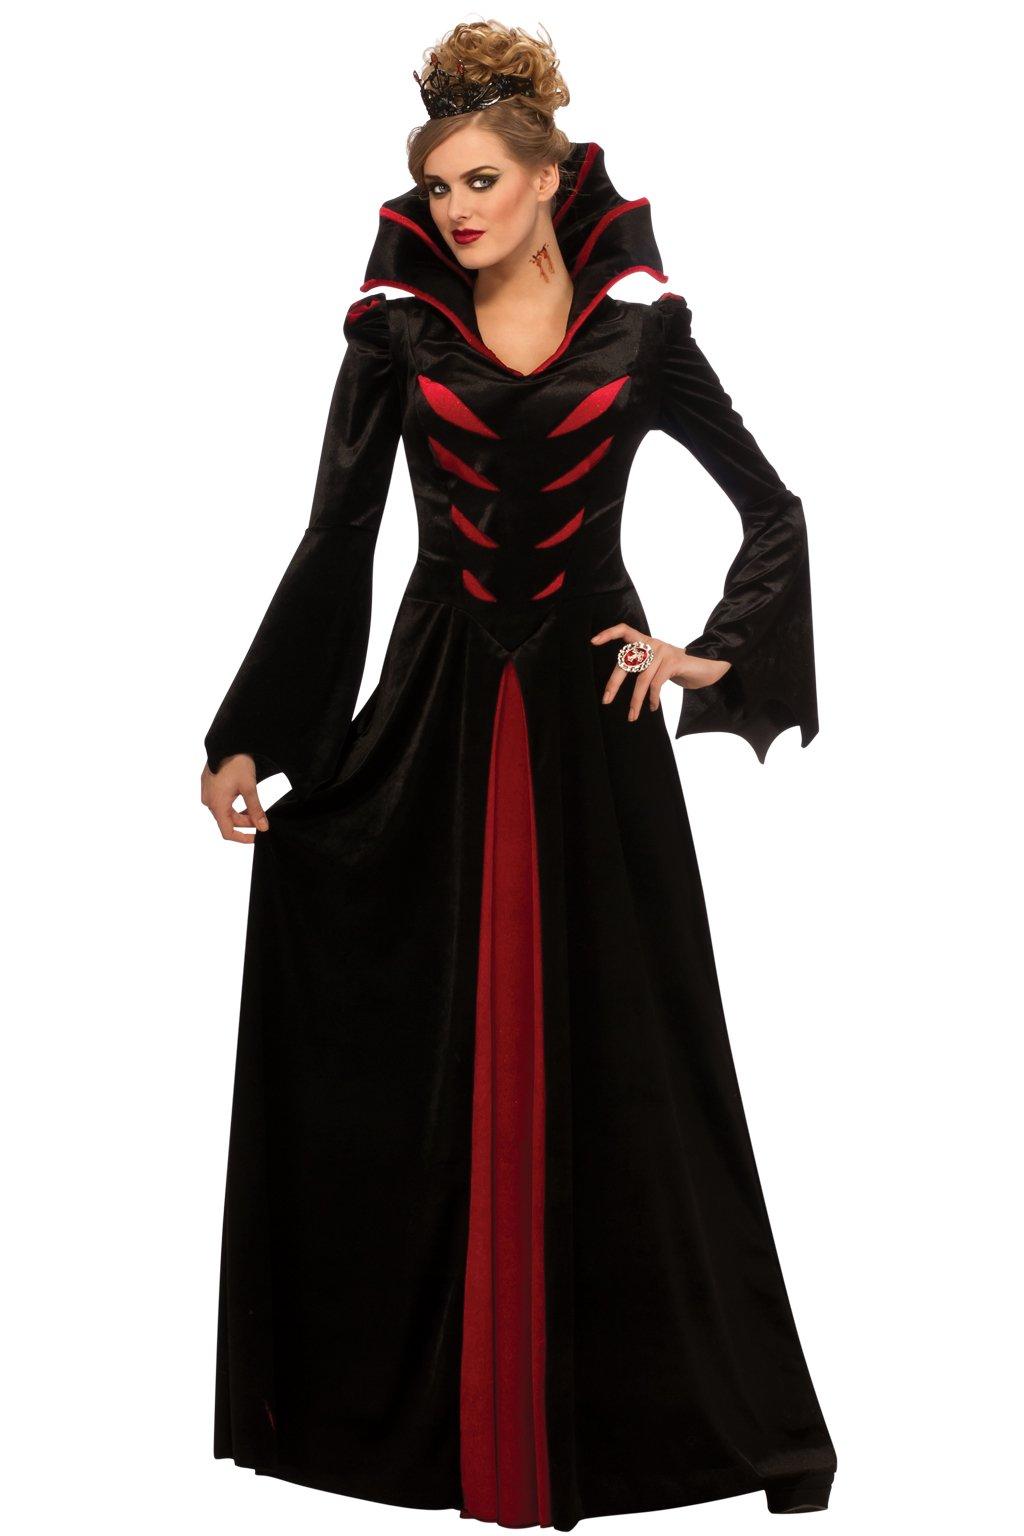 Upírka královna - dámský kostým